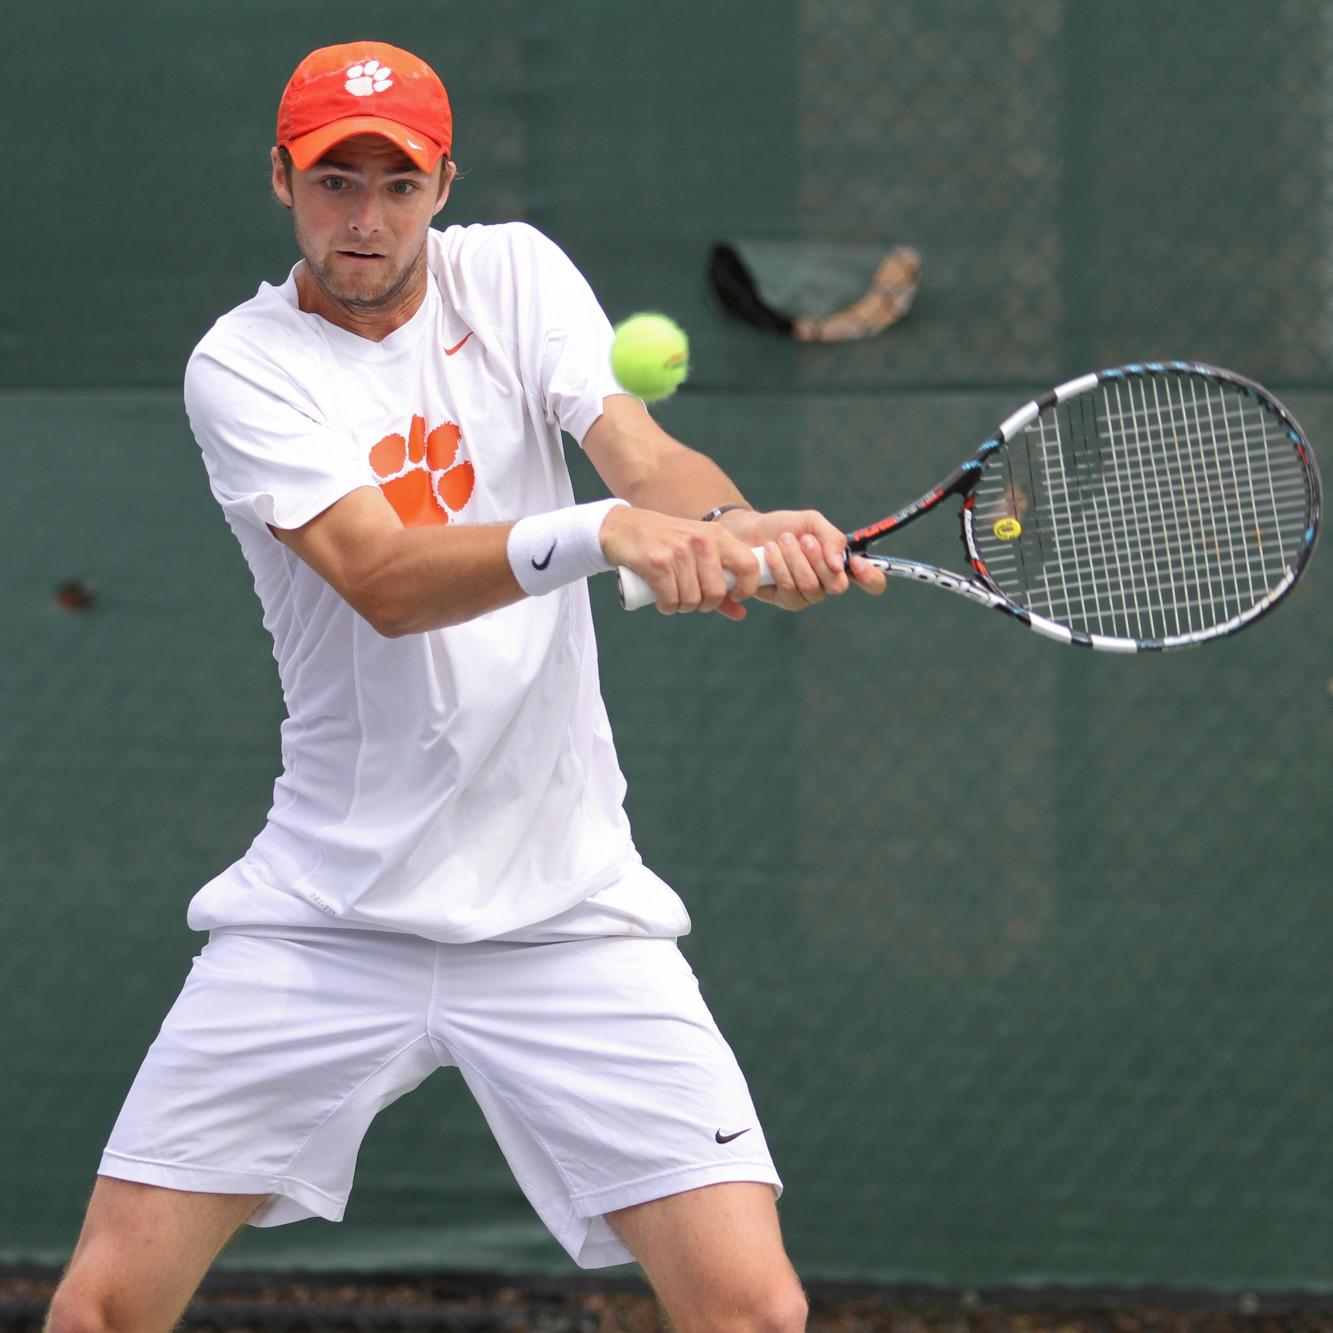 Men's Tennis – Futures Update